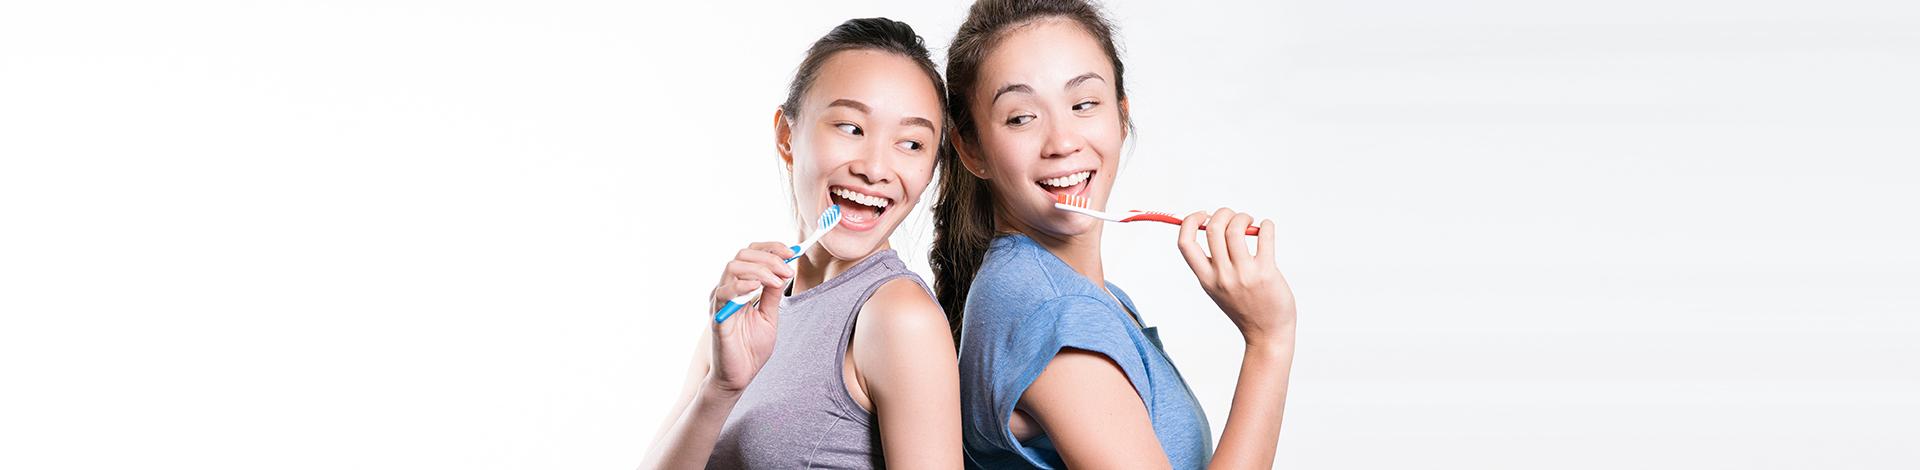 Our Dental Services - TP Dental